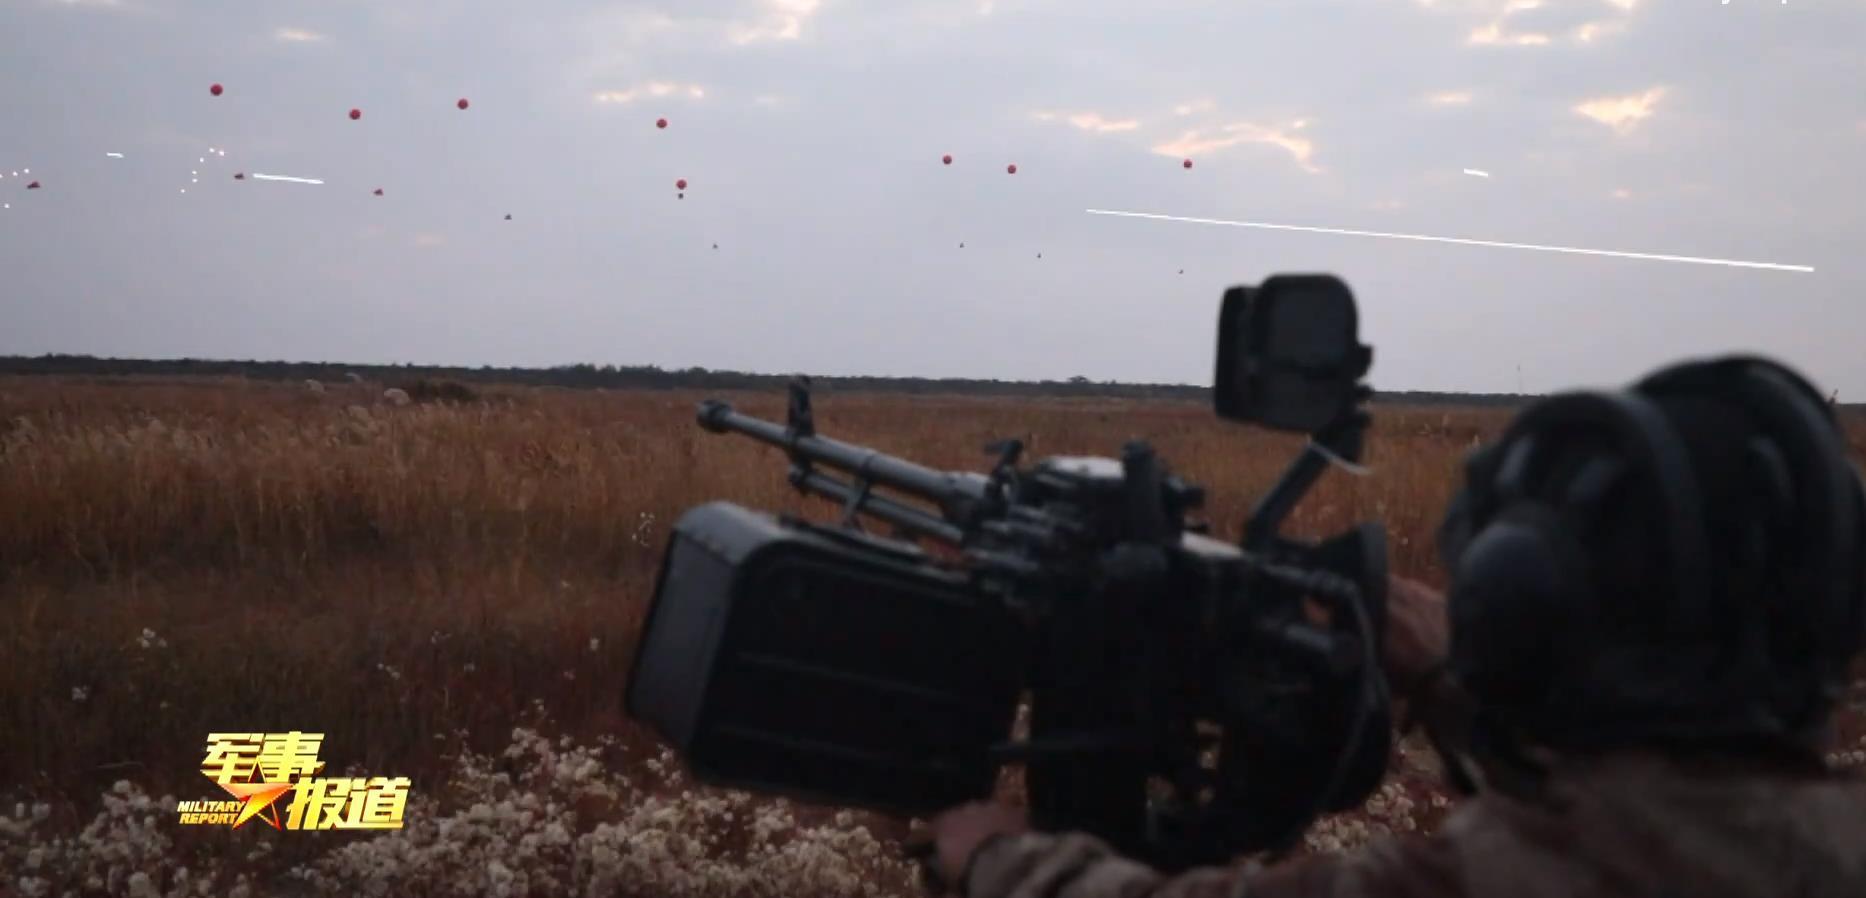 88式车载高机地面防空考核,打空飘气球